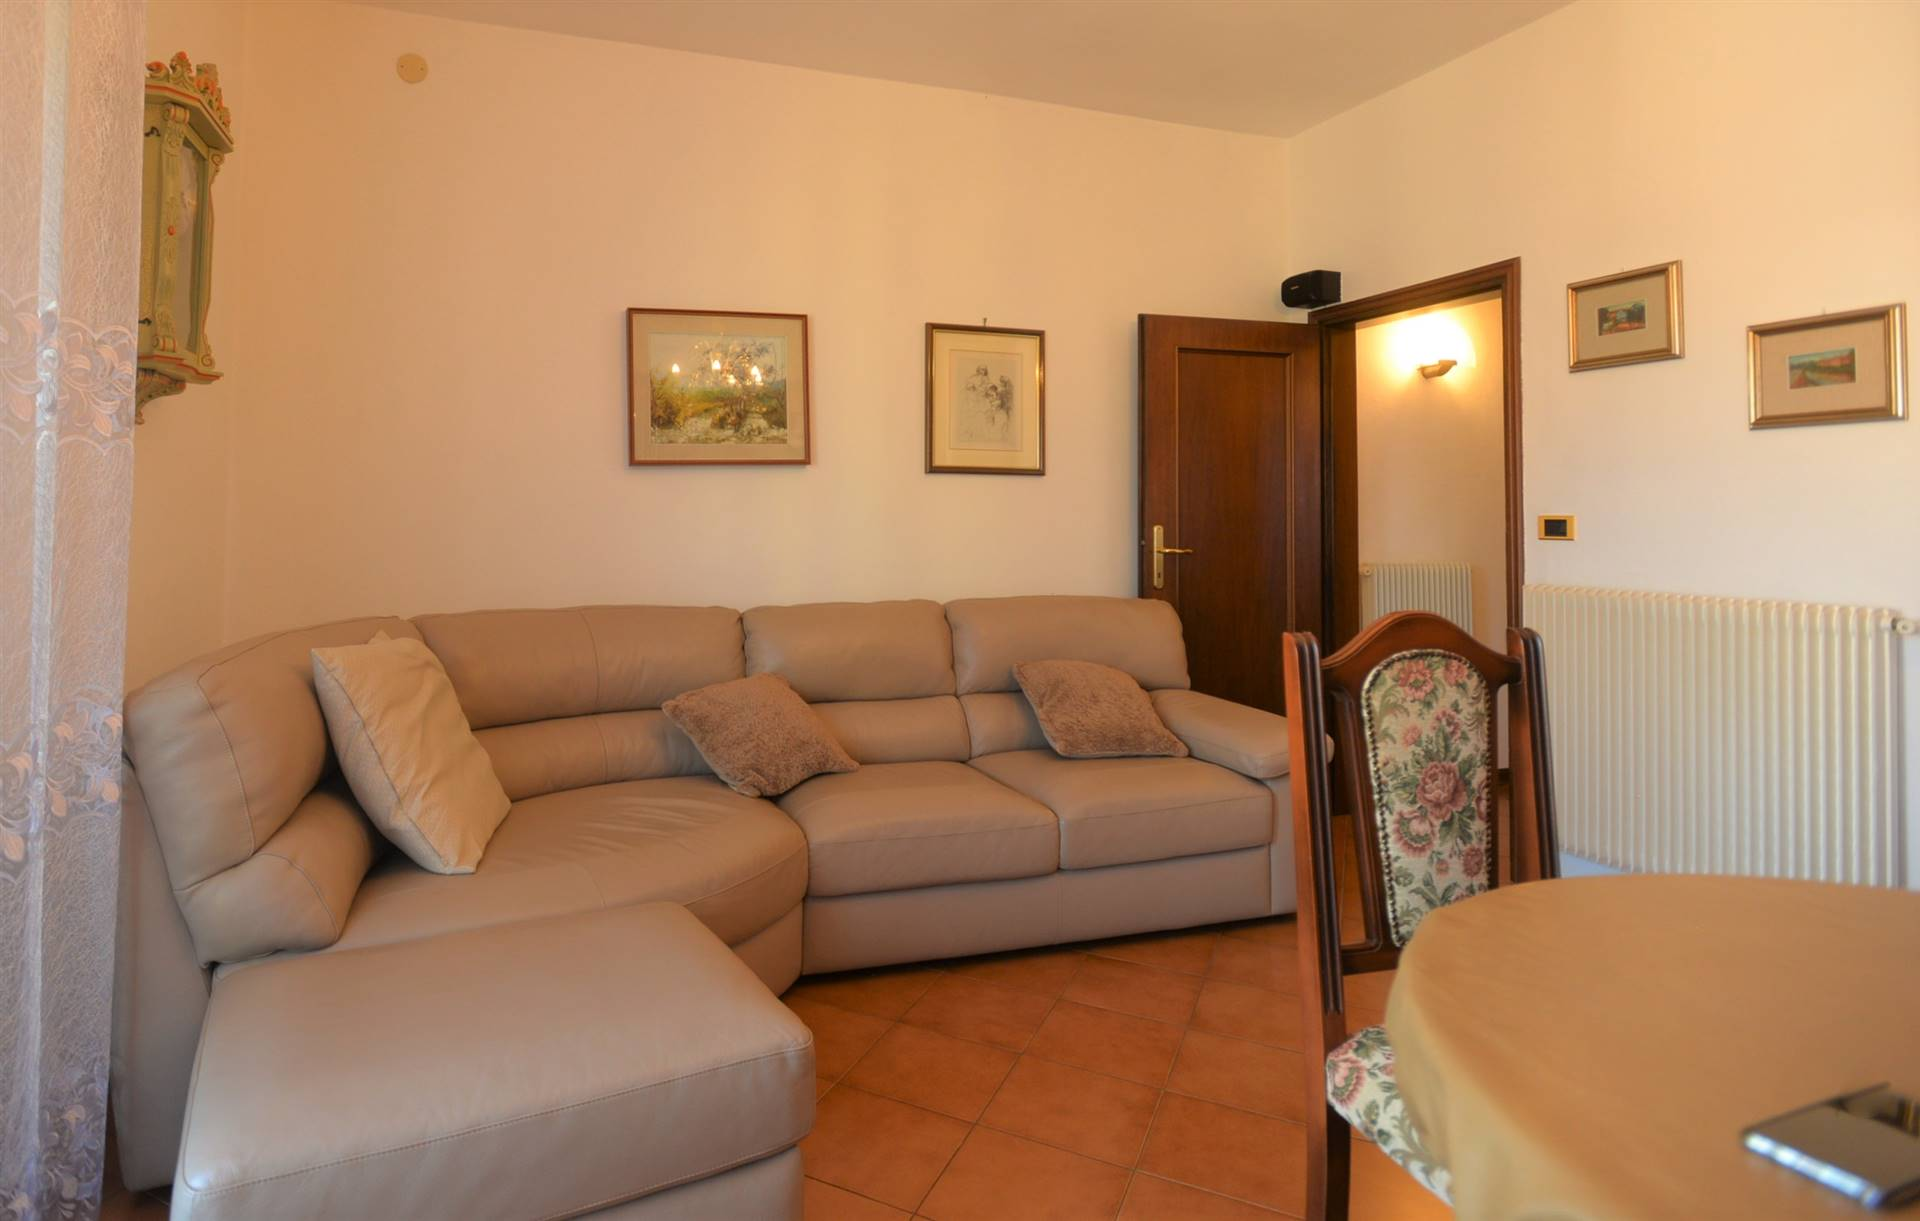 Marghera, centralissimo, vicinanze Piazzale Concordia, appartamento al secondo ultimo piano su palazzina di 6 unità, luminosissimo, buone condizioni